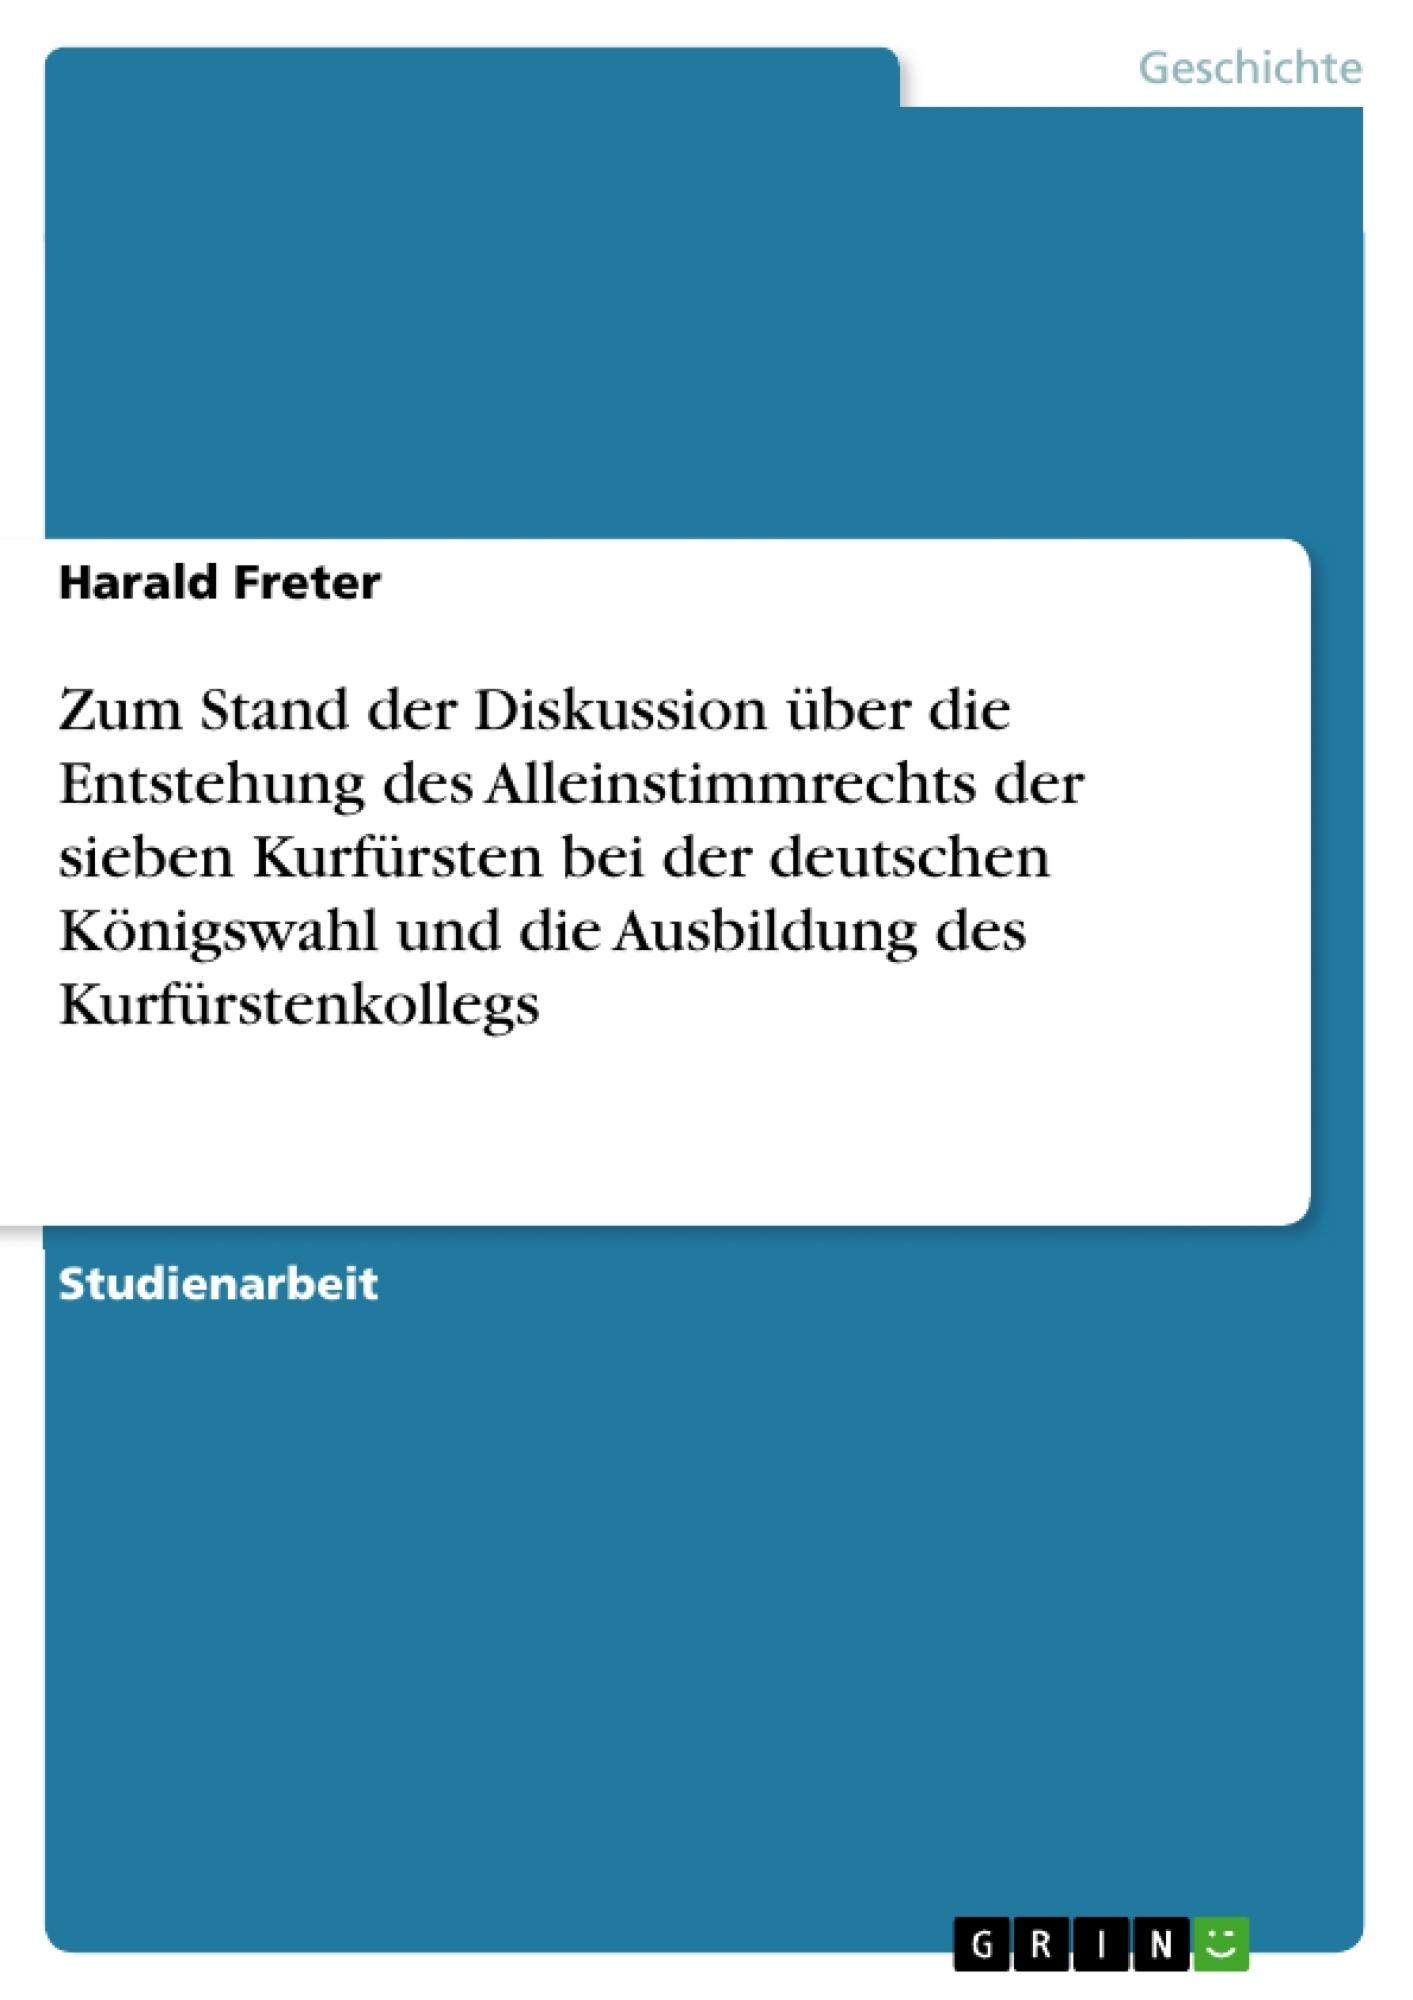 Titel: Zum Stand der Diskussion über die Entstehung des Alleinstimmrechts der sieben Kurfürsten bei der deutschen Königswahl und die Ausbildung des Kurfürstenkollegs